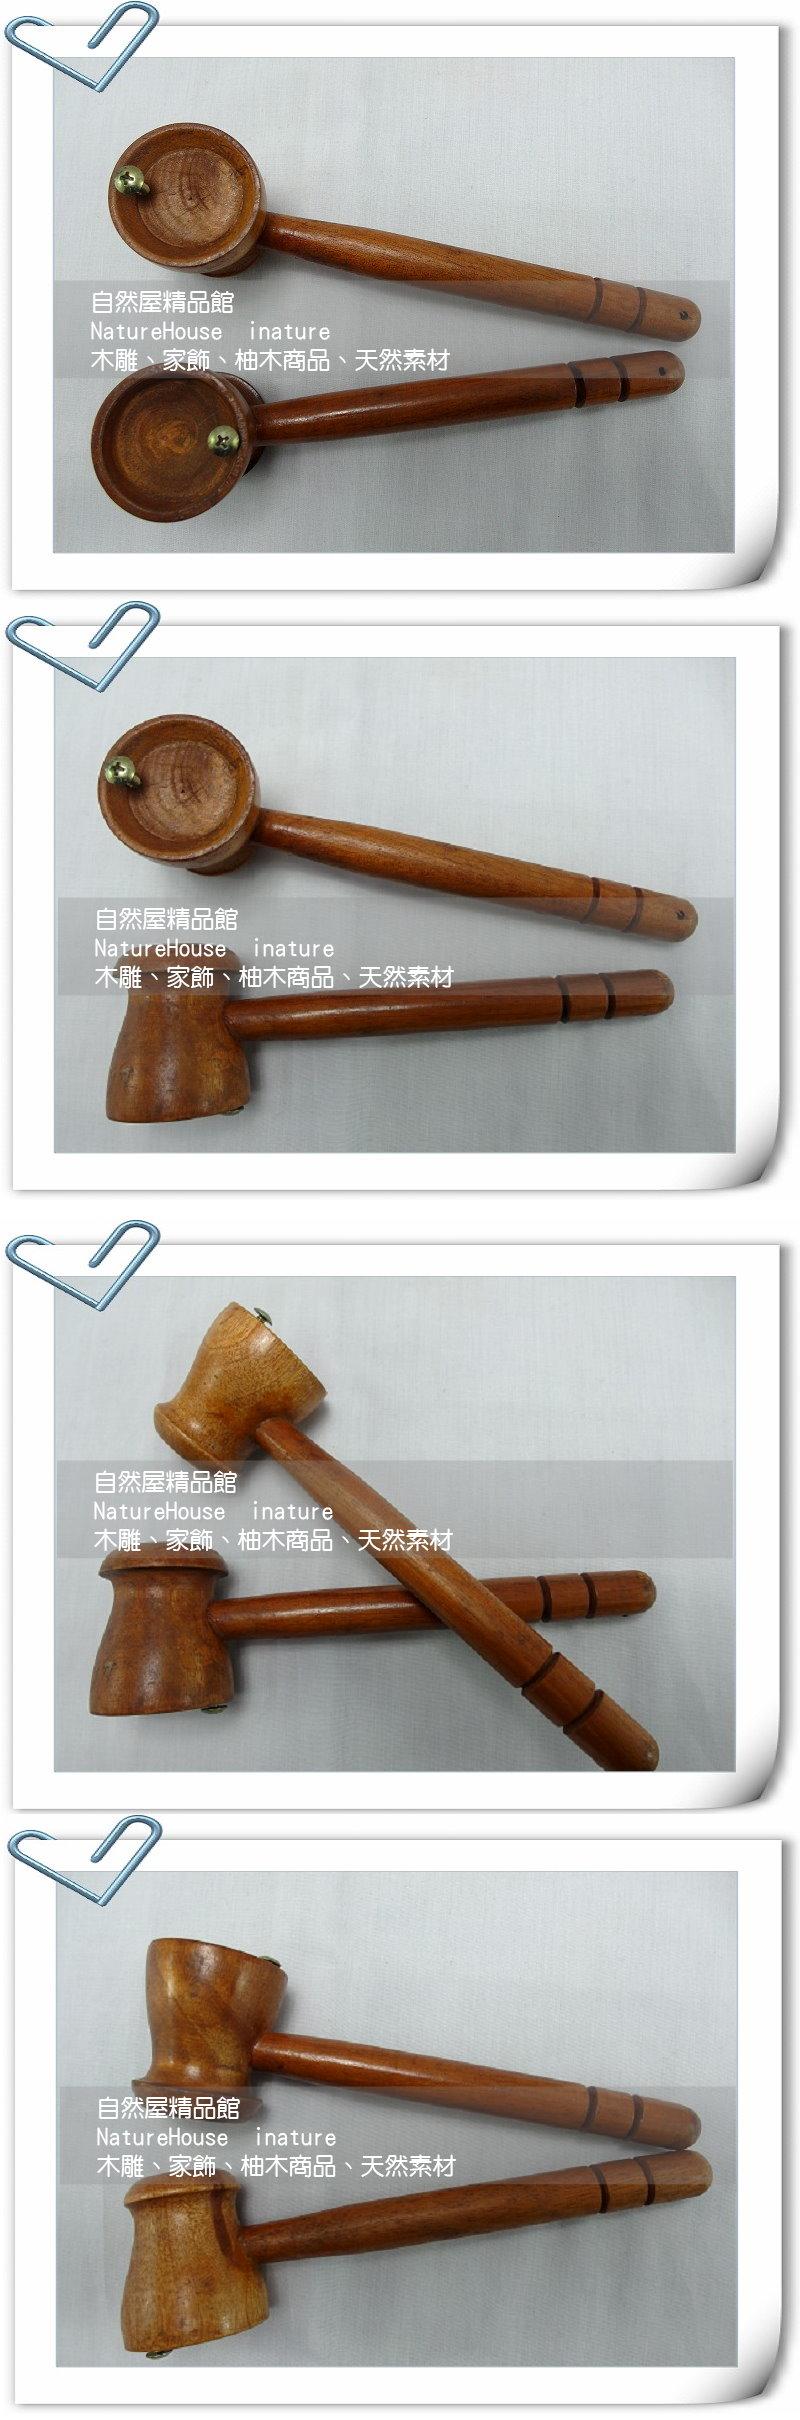 筷子笔筒制作步骤图解